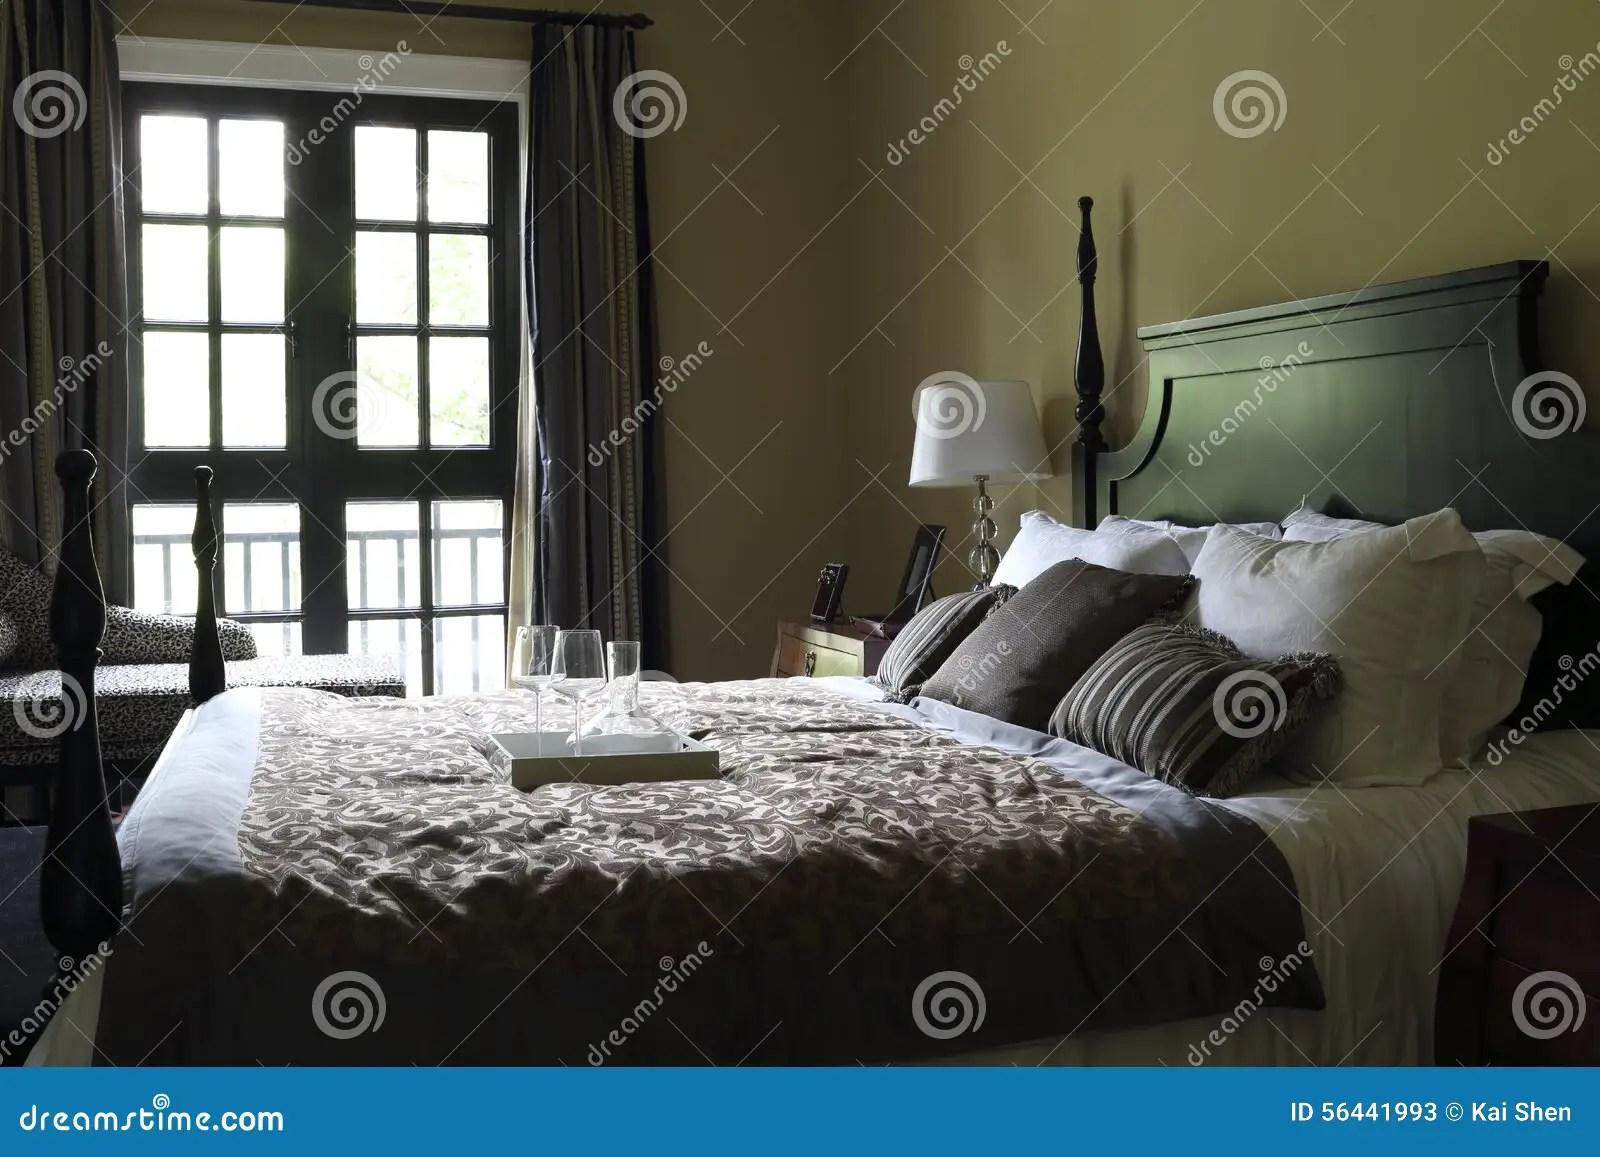 amerikanische bettdecken 26 luxus landhaus bettw sche patvinh me. Black Bedroom Furniture Sets. Home Design Ideas